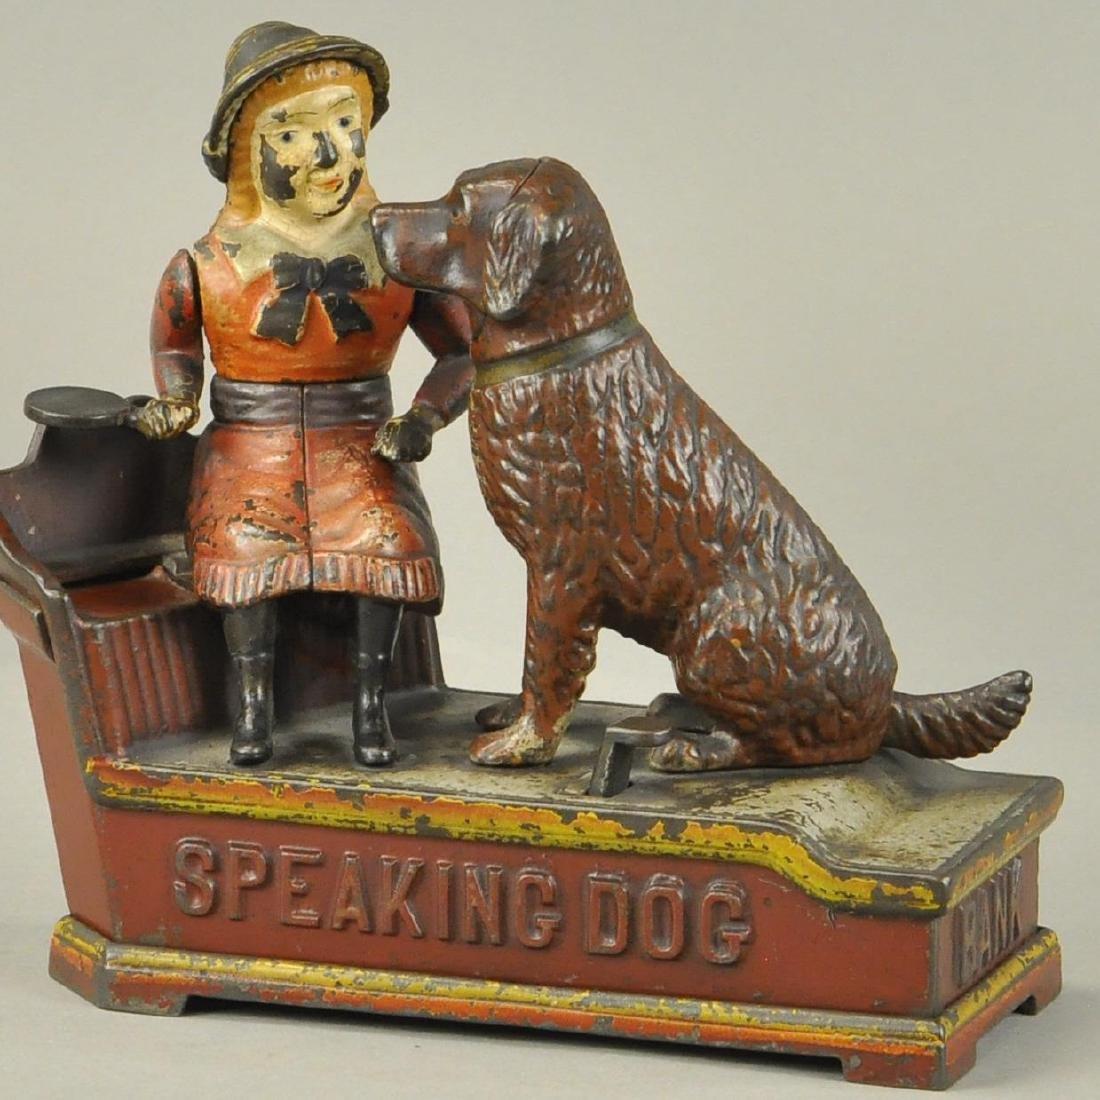 SPEAKING DOG MECHANICAL BANK - SHEPPARD HARDWARE